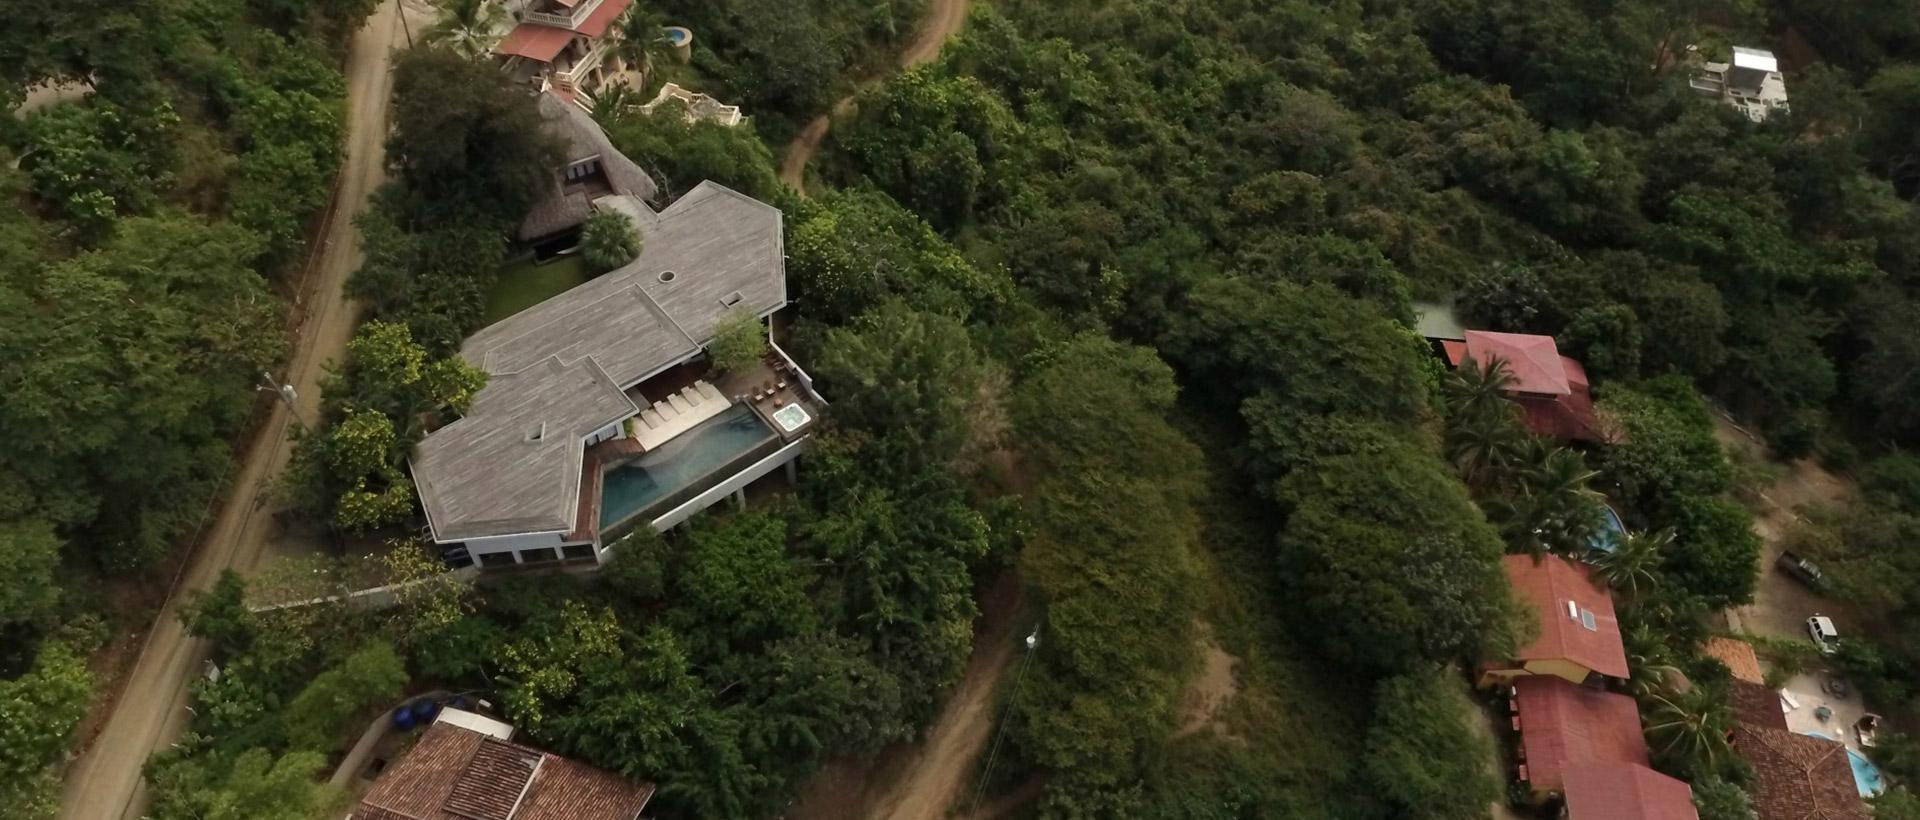 Casa Puros Dieces aerial view